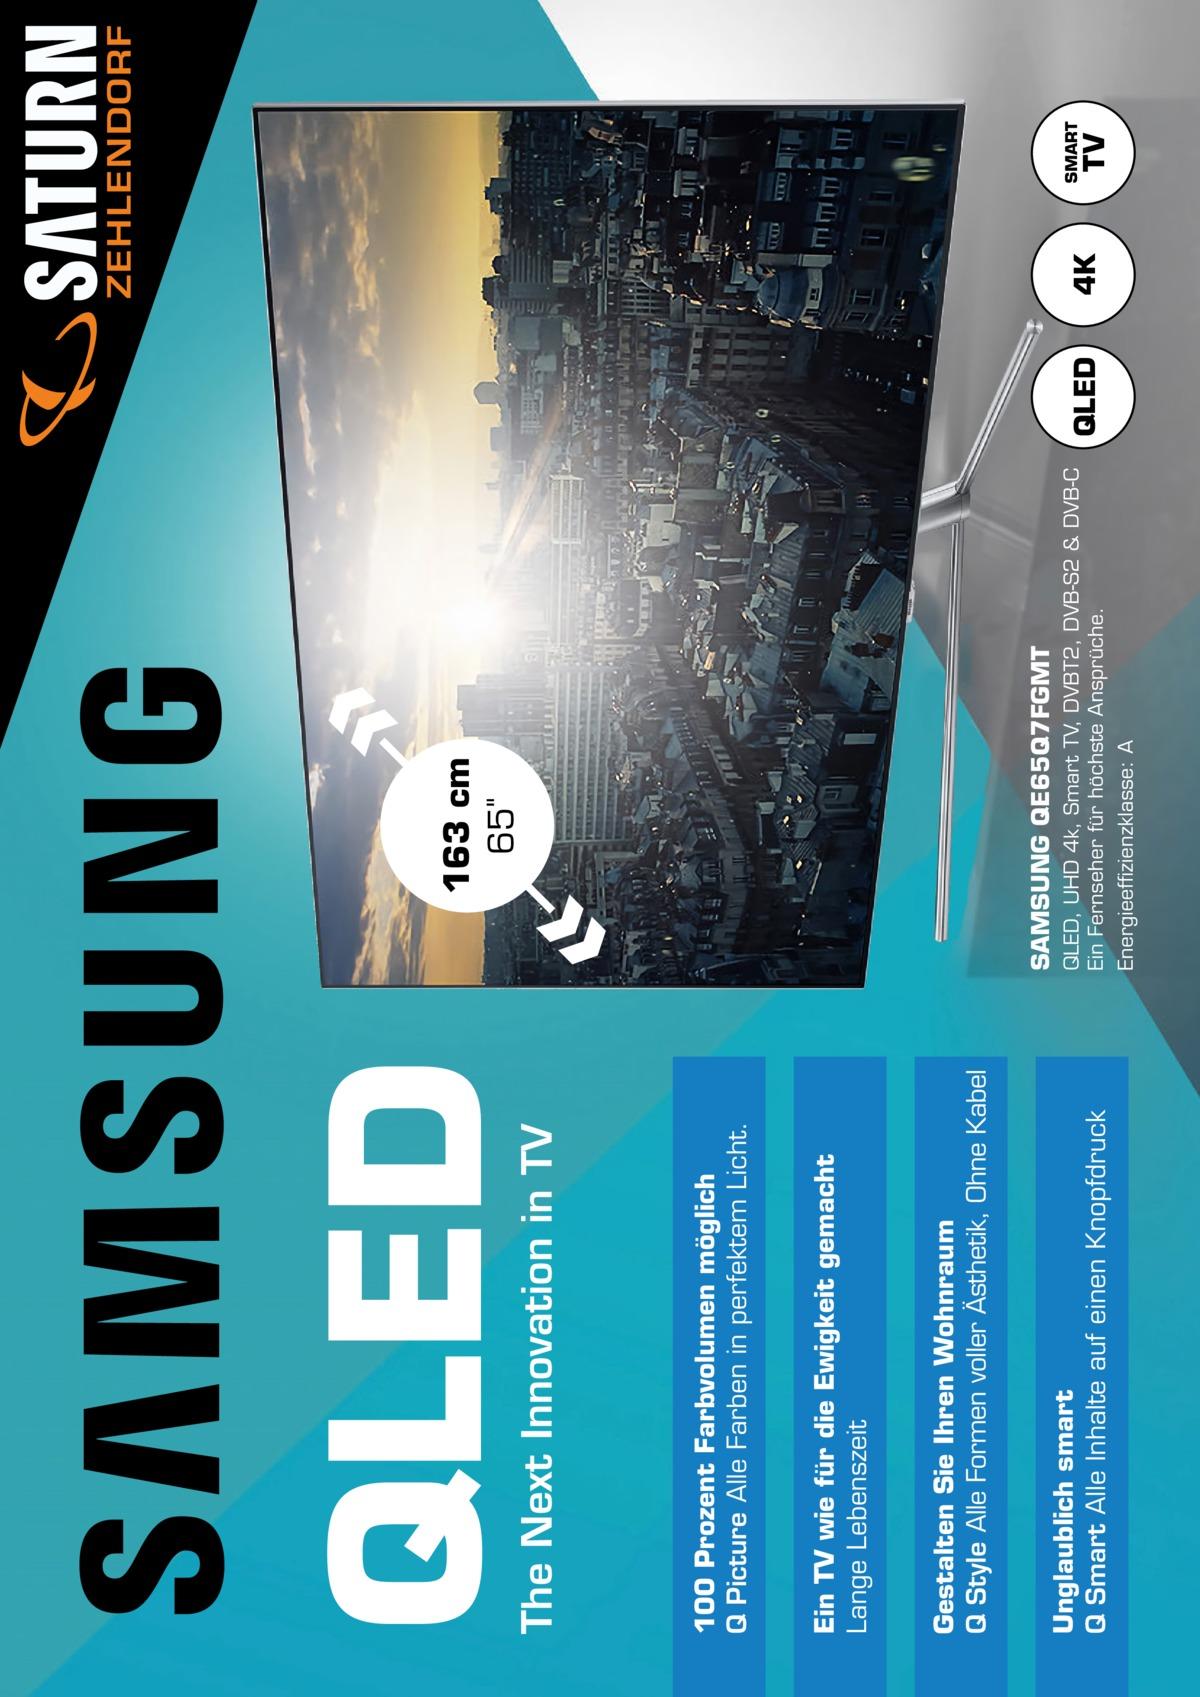 Unglaublich smart Q Smart Alle Inhalte auf einen Knopfdruck  Gestalten Sie Ihren Wohnraum Q Style Alle Formen voller Ästhetik, Ohne Kabel  Ein TV wie für die Ewigkeit gemacht Lange Lebenszeit  100Prozent Farbvolumen möglich Q Picture Alle Farben in perfektem Licht.  The Next Innovation in TV  QLED  QLED, UHD 4k, Smart TV, DVBT2, DVB-S2 & DVB-C Ein Fernseher für höchste Ansprüche. Energieeffizienzklasse: A  SAMSUNG QE65Q7FGMT  163cm 65  QLED  4K  TV  SMART  ZEHLENDORF